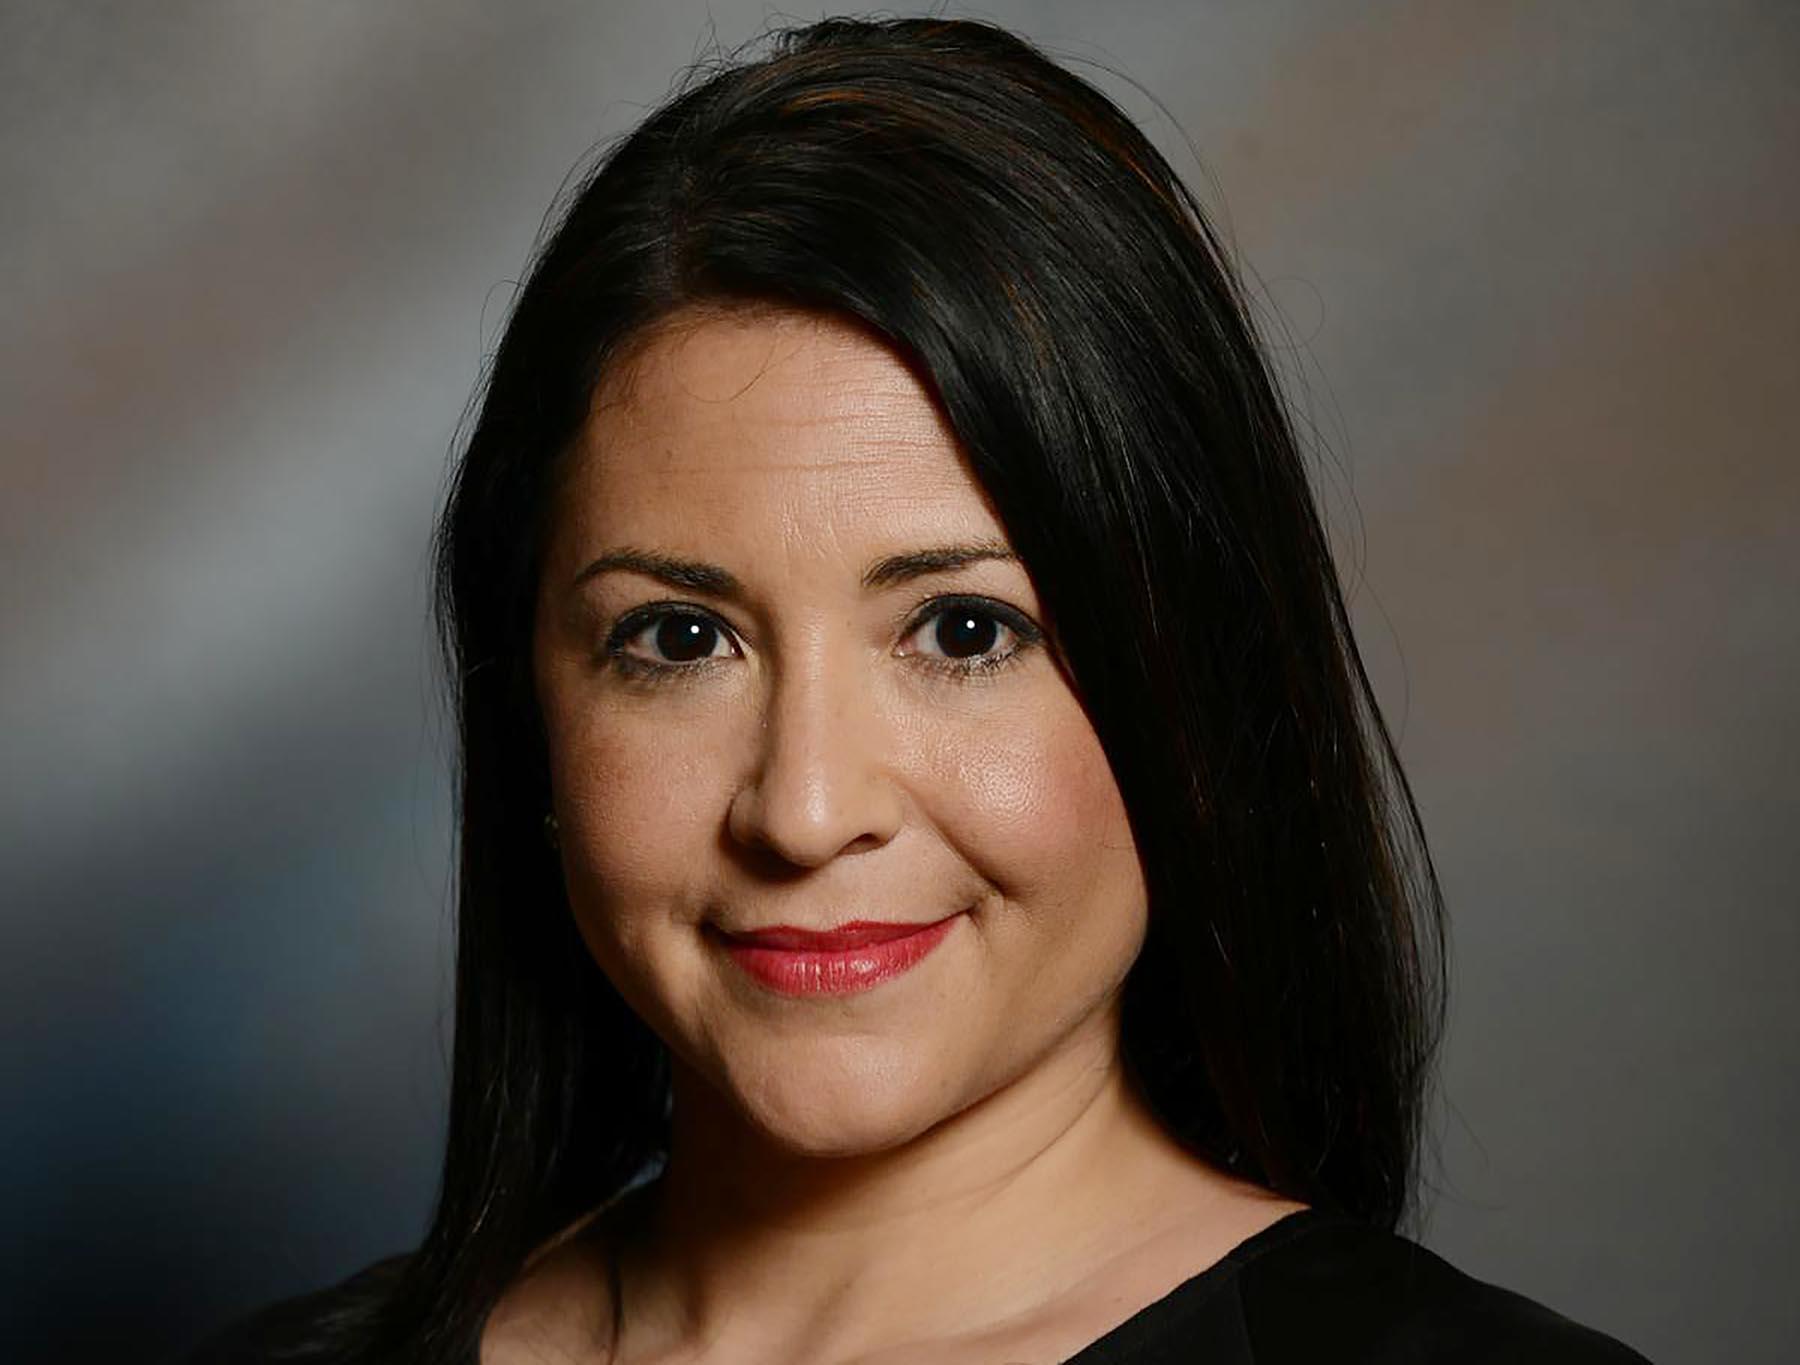 The Kelberman Center Announces New Executive Director: Tara Costello, MSW